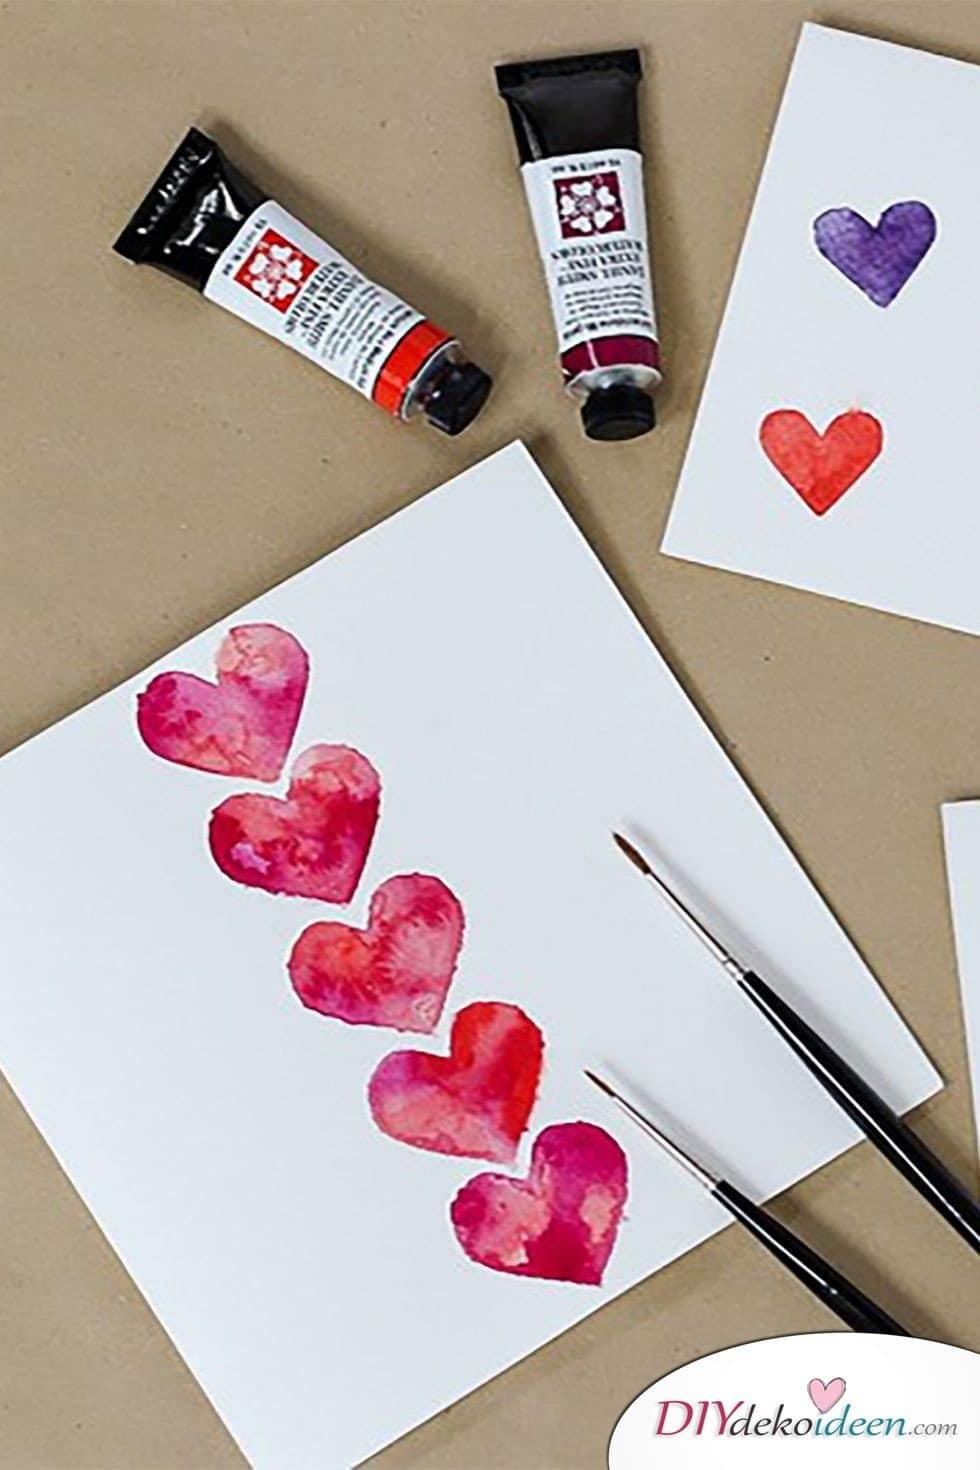 Valentinstag Karten basteln, Karte malen, Valentinstag, Valentinstag basteln, Valentinstag Bastelideen, DIY Bastelideen, romantisch, Karten basteln